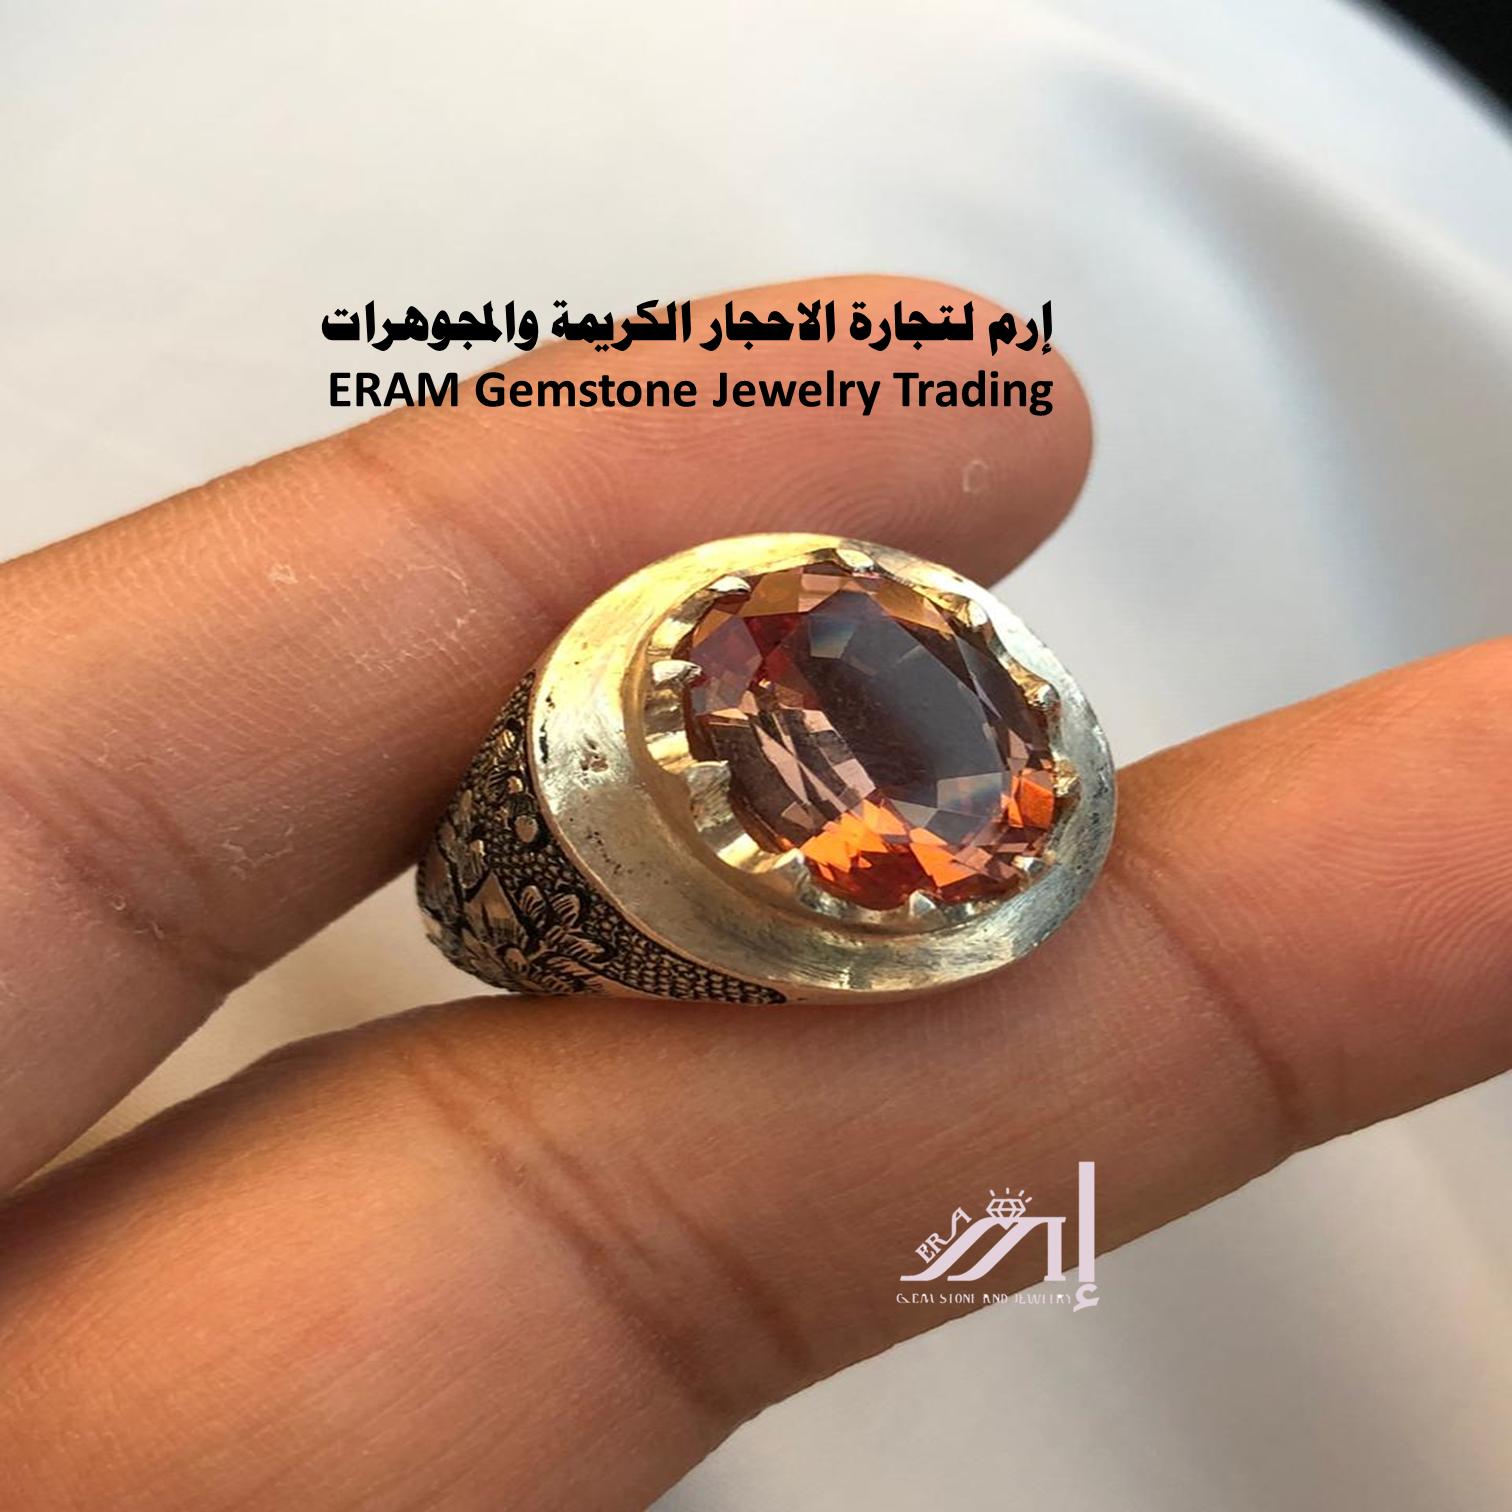 من اجمل الاحجار الكريمة اليمانية وأندرها خاتم الكسندريت Alexandrite مميز طبيعي100 للعرض Gemstone Jewelry Rings For Men Gemstones